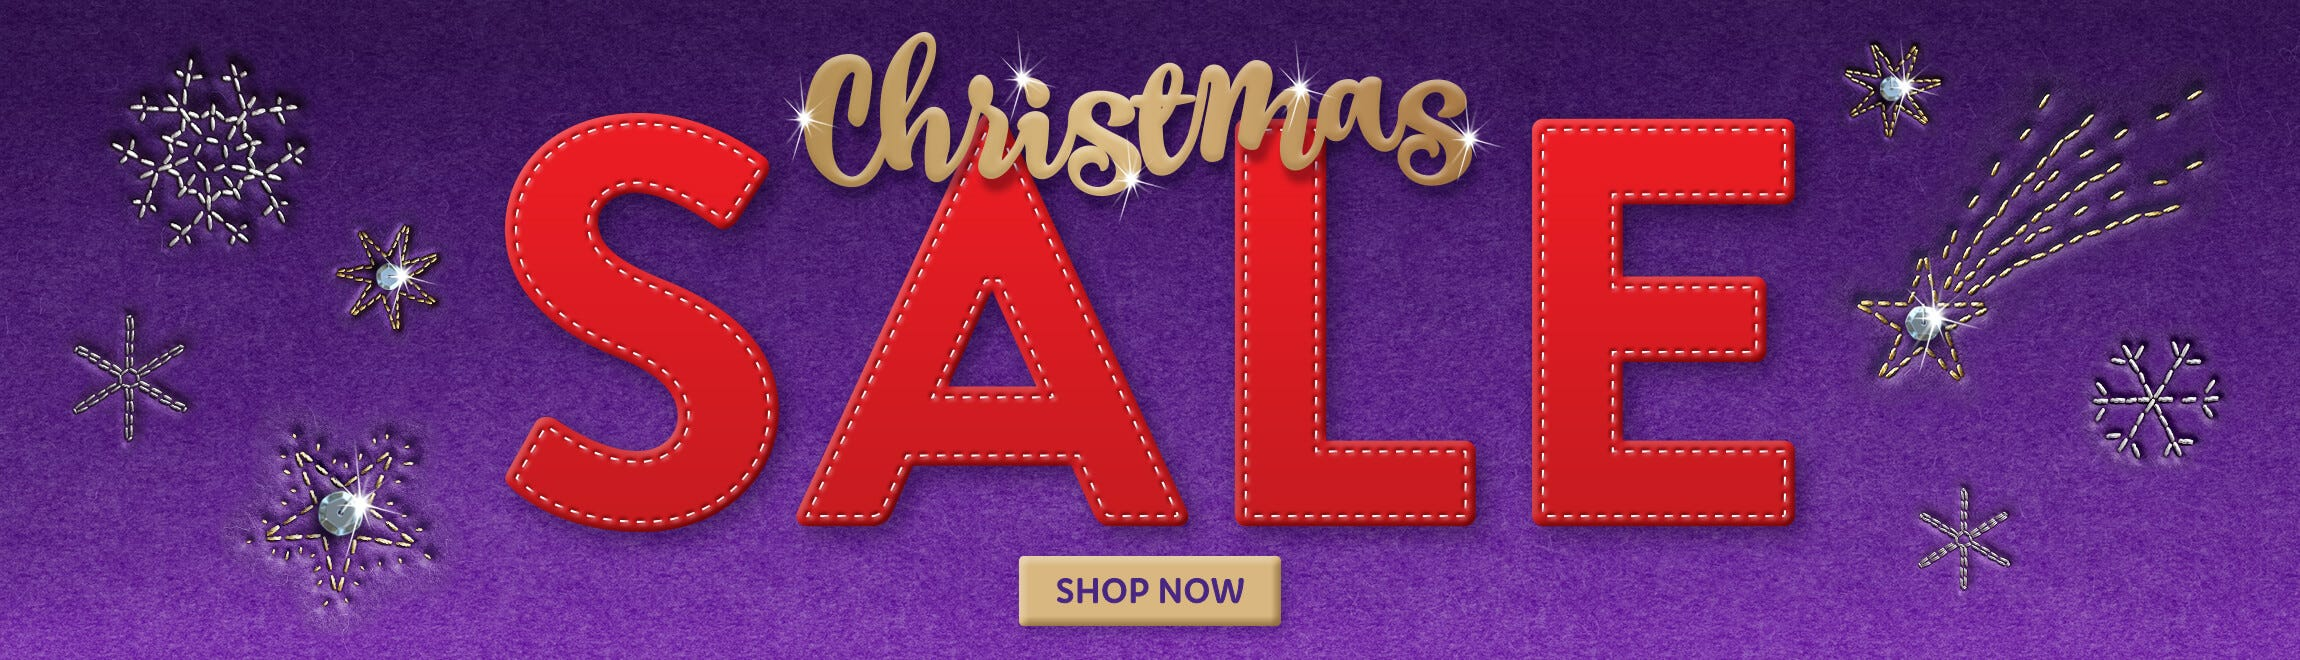 Cadbury Christmas Chocolate Sale